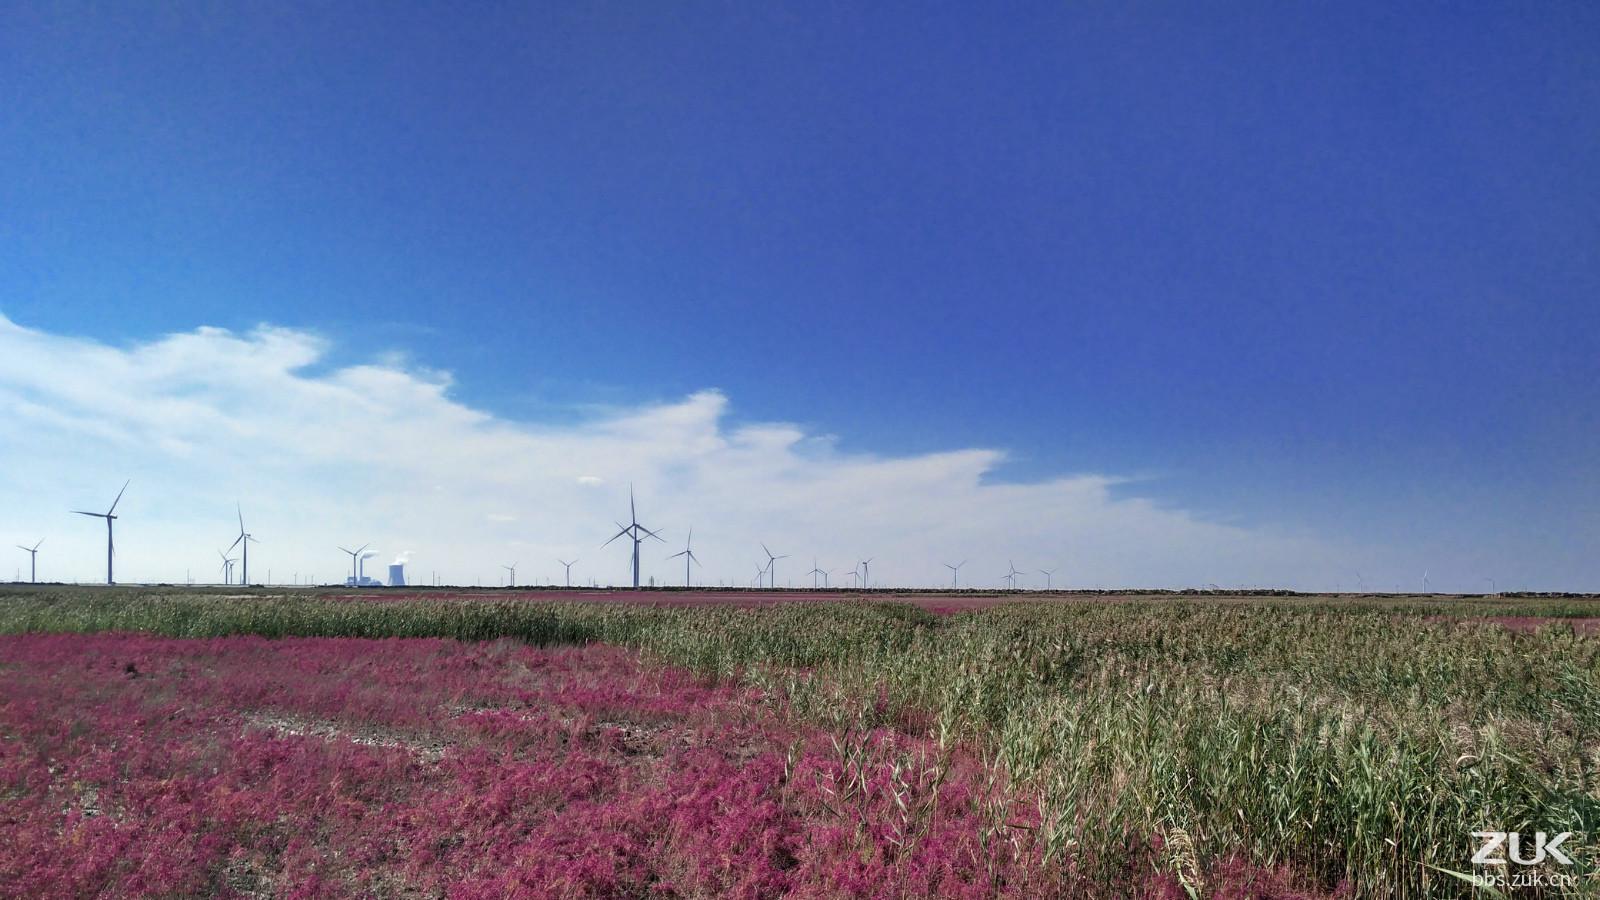 壁纸 草原 成片种植 风景 植物 种植基地 桌面 1600_900